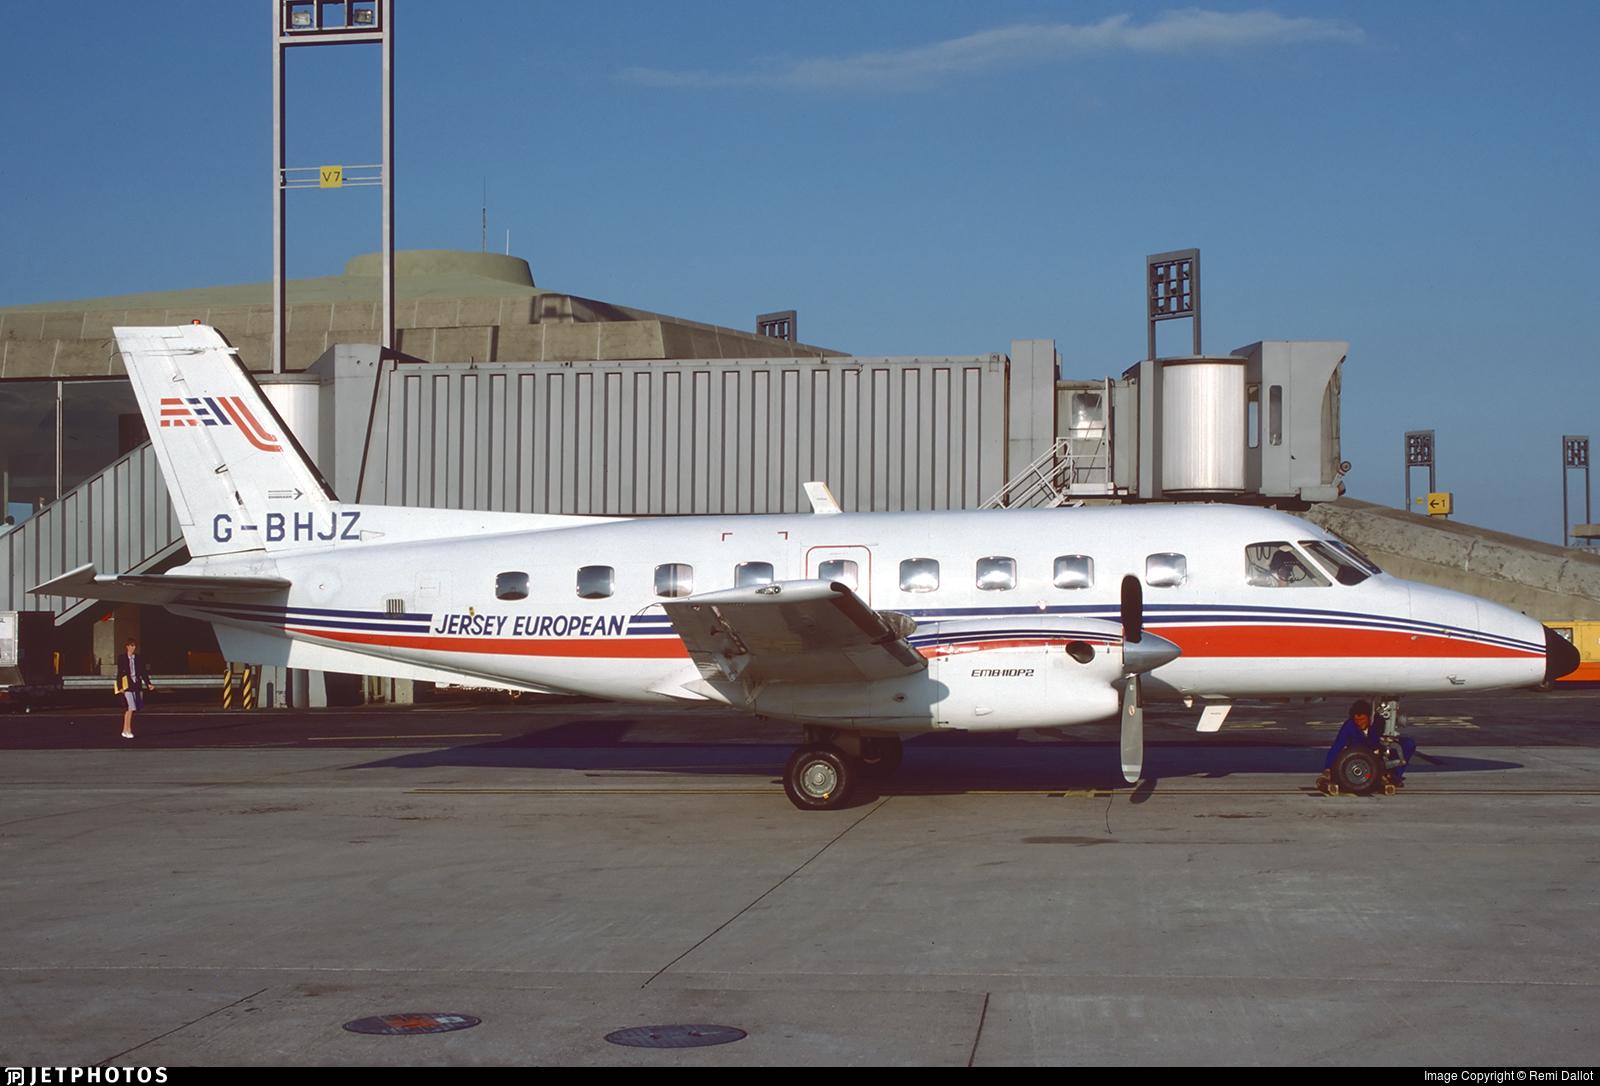 G-BHJZ - Embraer EMB-110P2 Bandeirante - Jersey European Airways